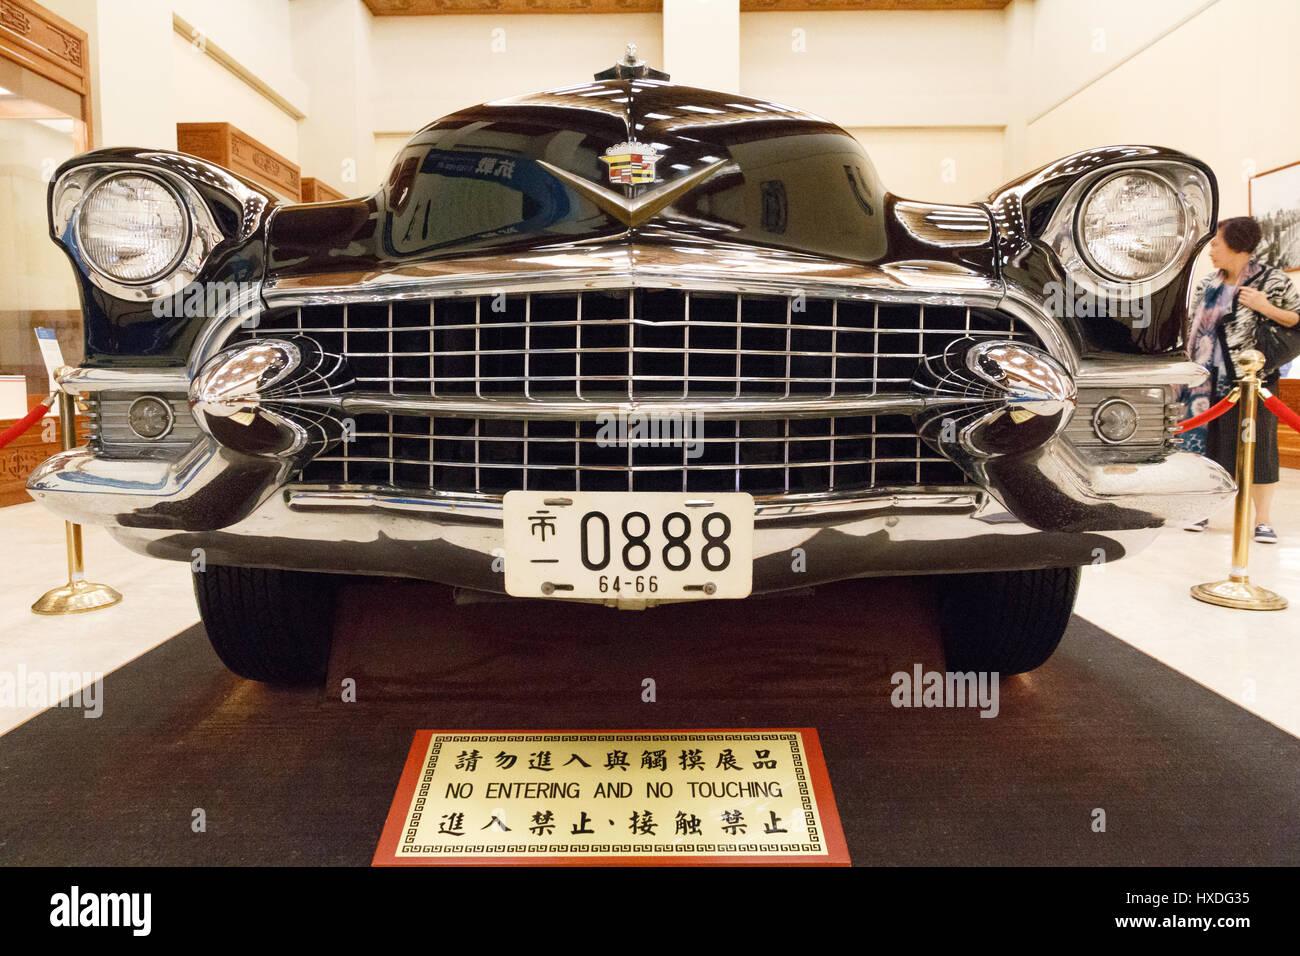 Nur zur redaktionellen Verwendung] TAIWAN, TAIPEI CITY: Ein 1955 ...